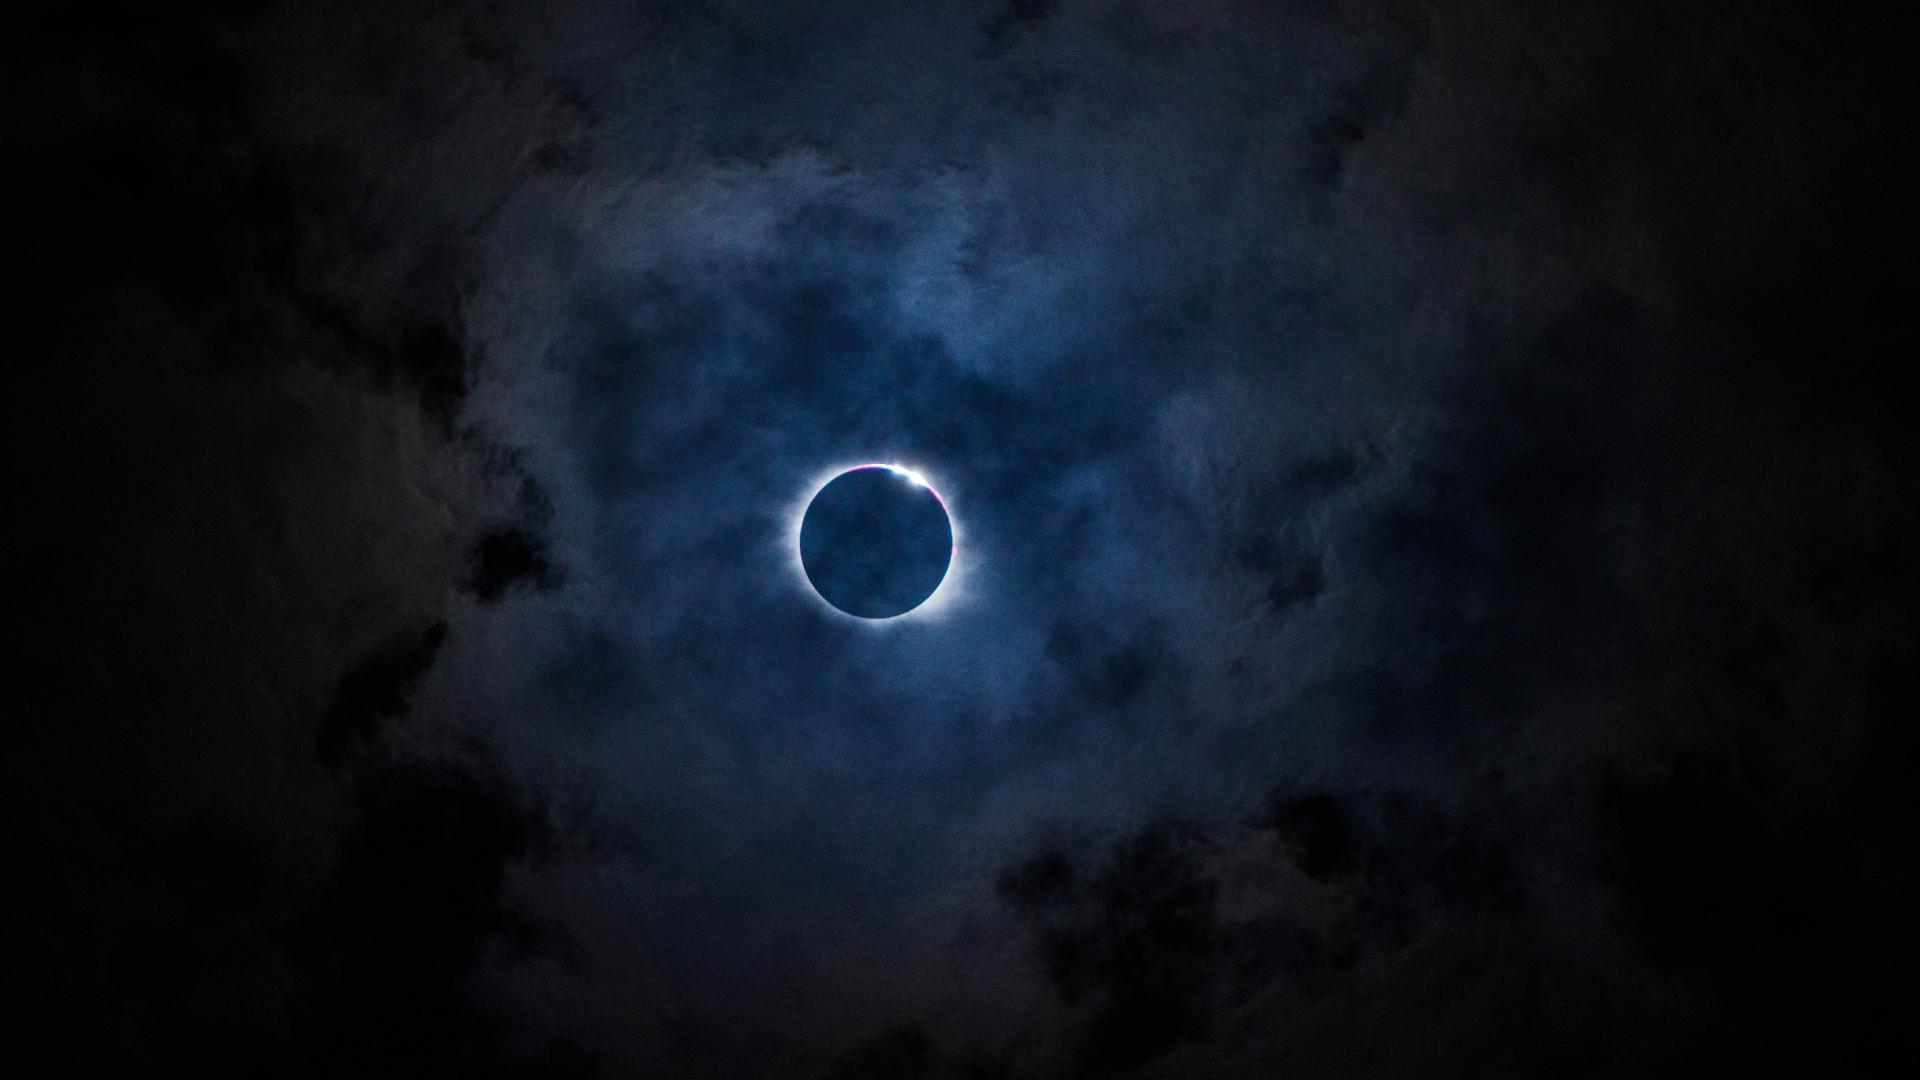 Dark Wallpaper Anime Hd Hintergrundbilder Mond Eklipse Wolken Himmel Desktop